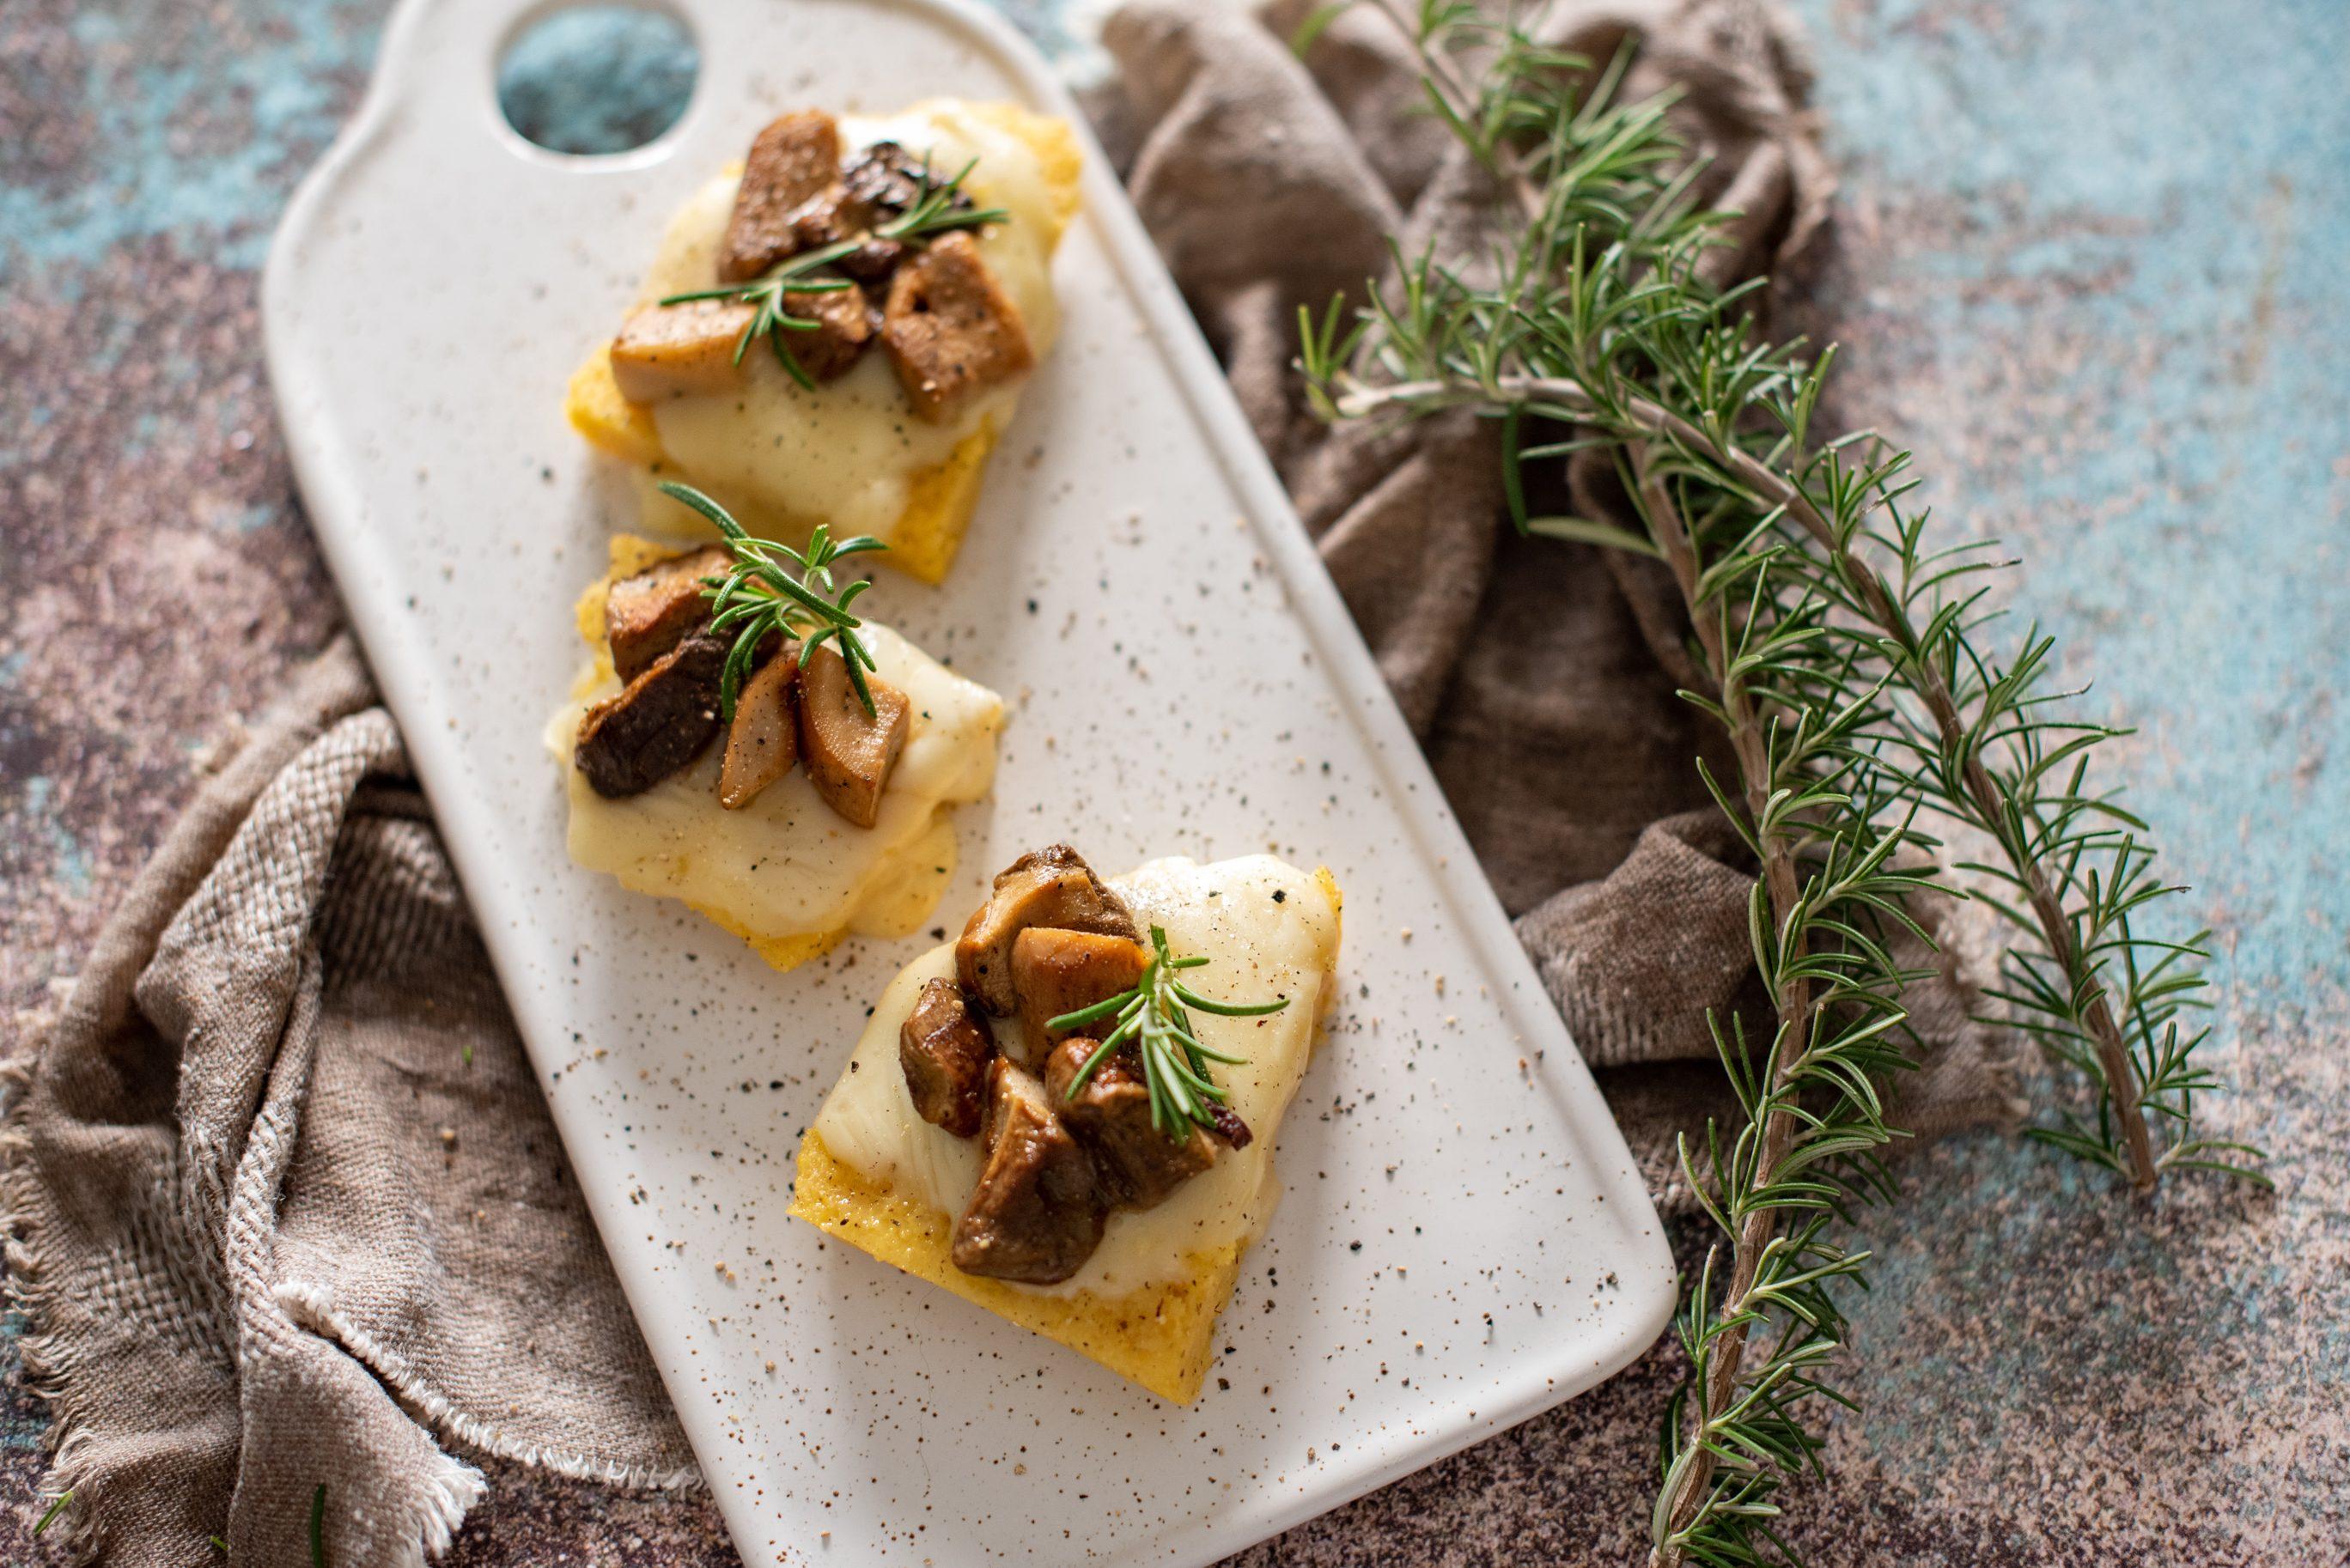 Crostoni di polenta con porcini e taleggio: la ricetta dell'antipasto facile e originale